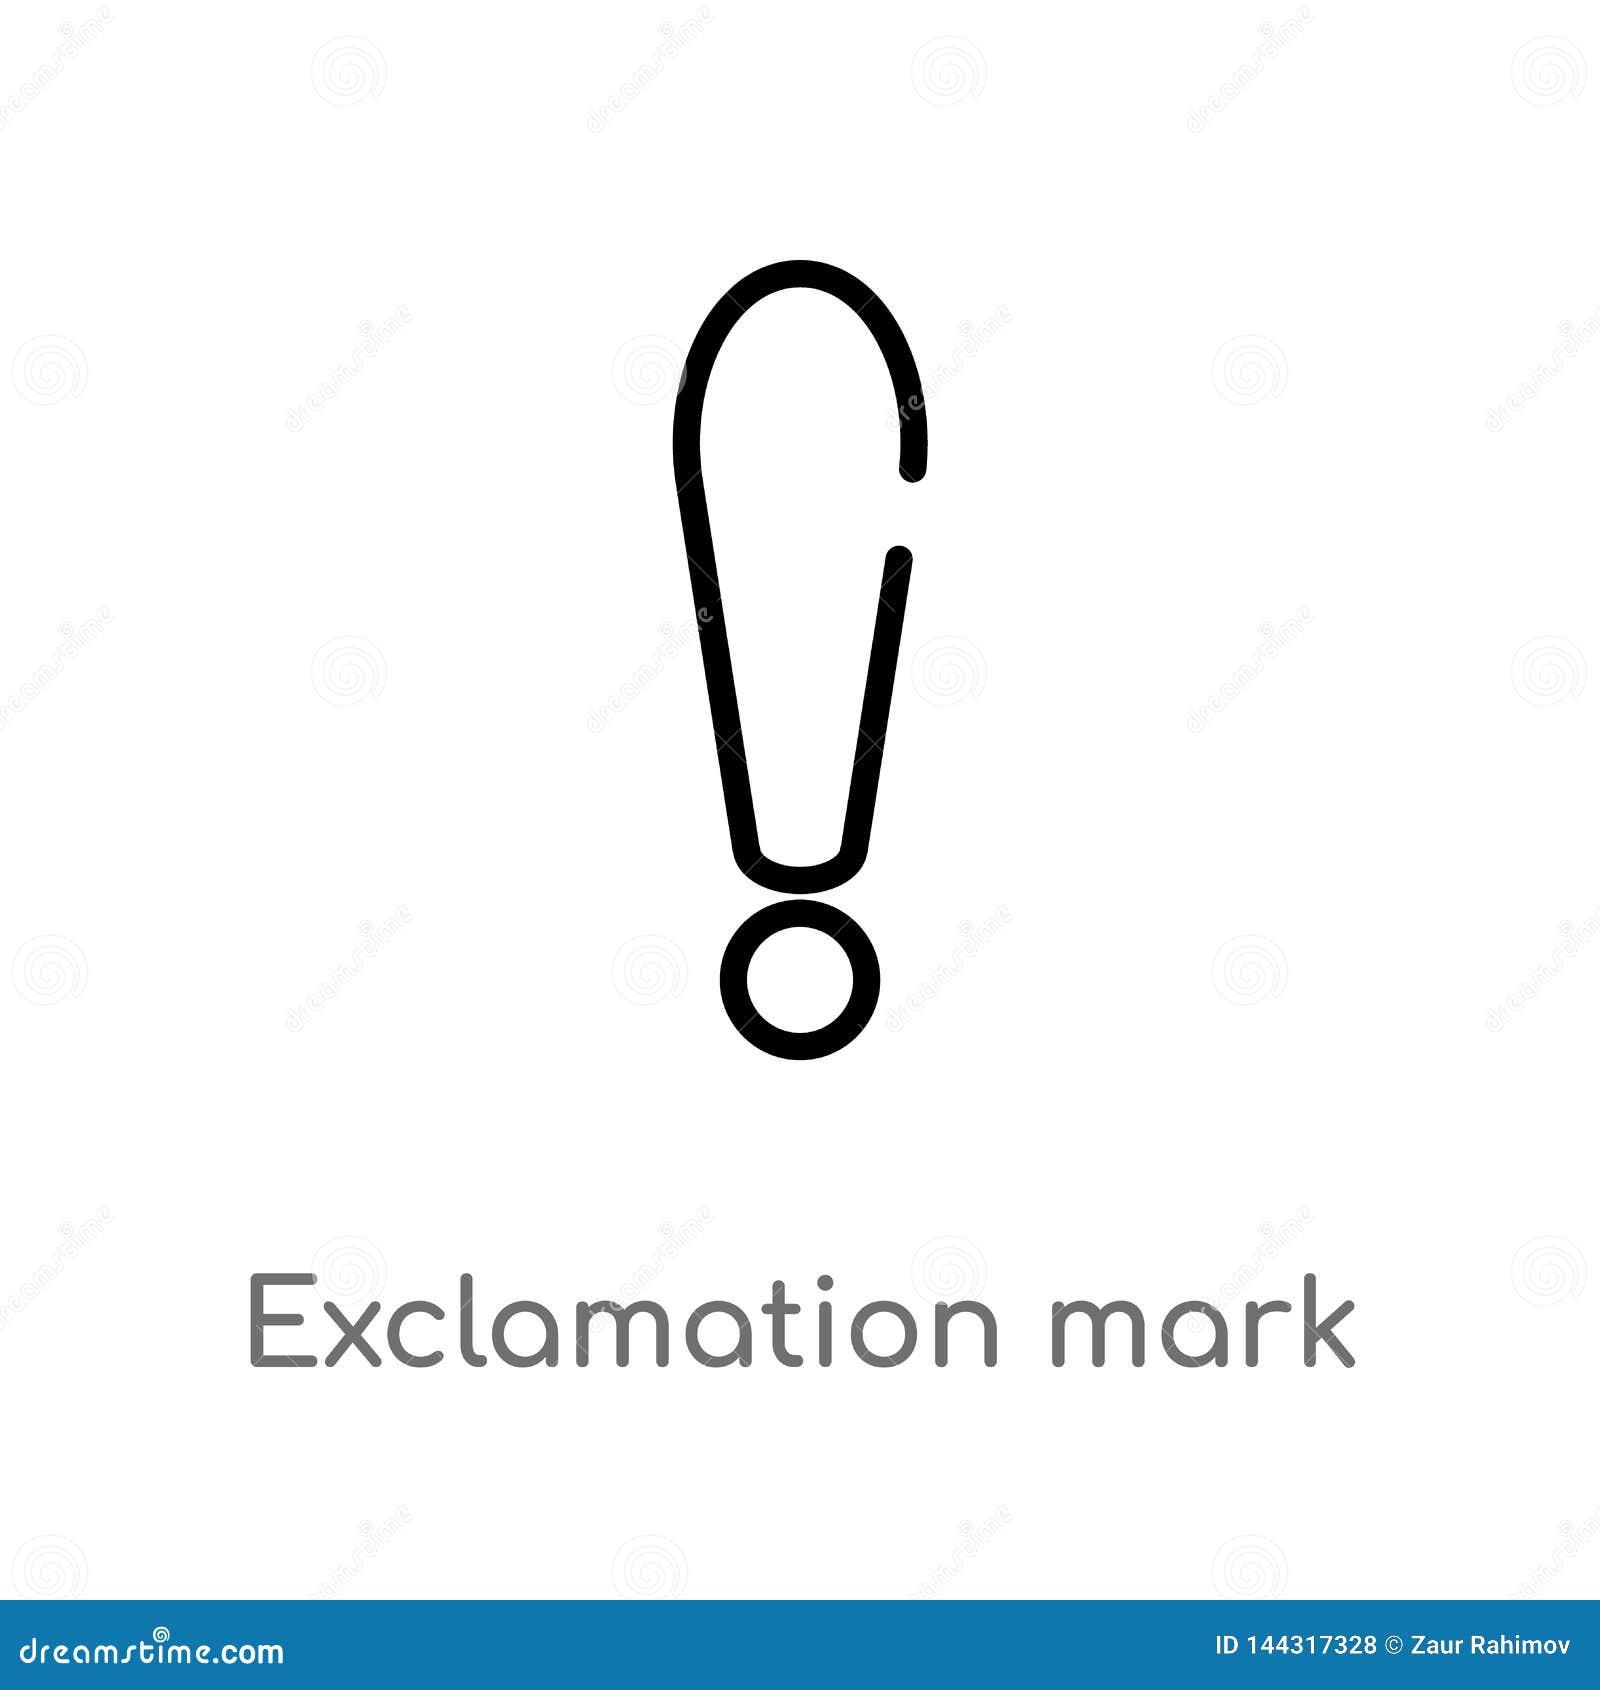 значок вектора восклицательного знака плана изолированная черная простая линия иллюстрация элемента от концепции знаков editable